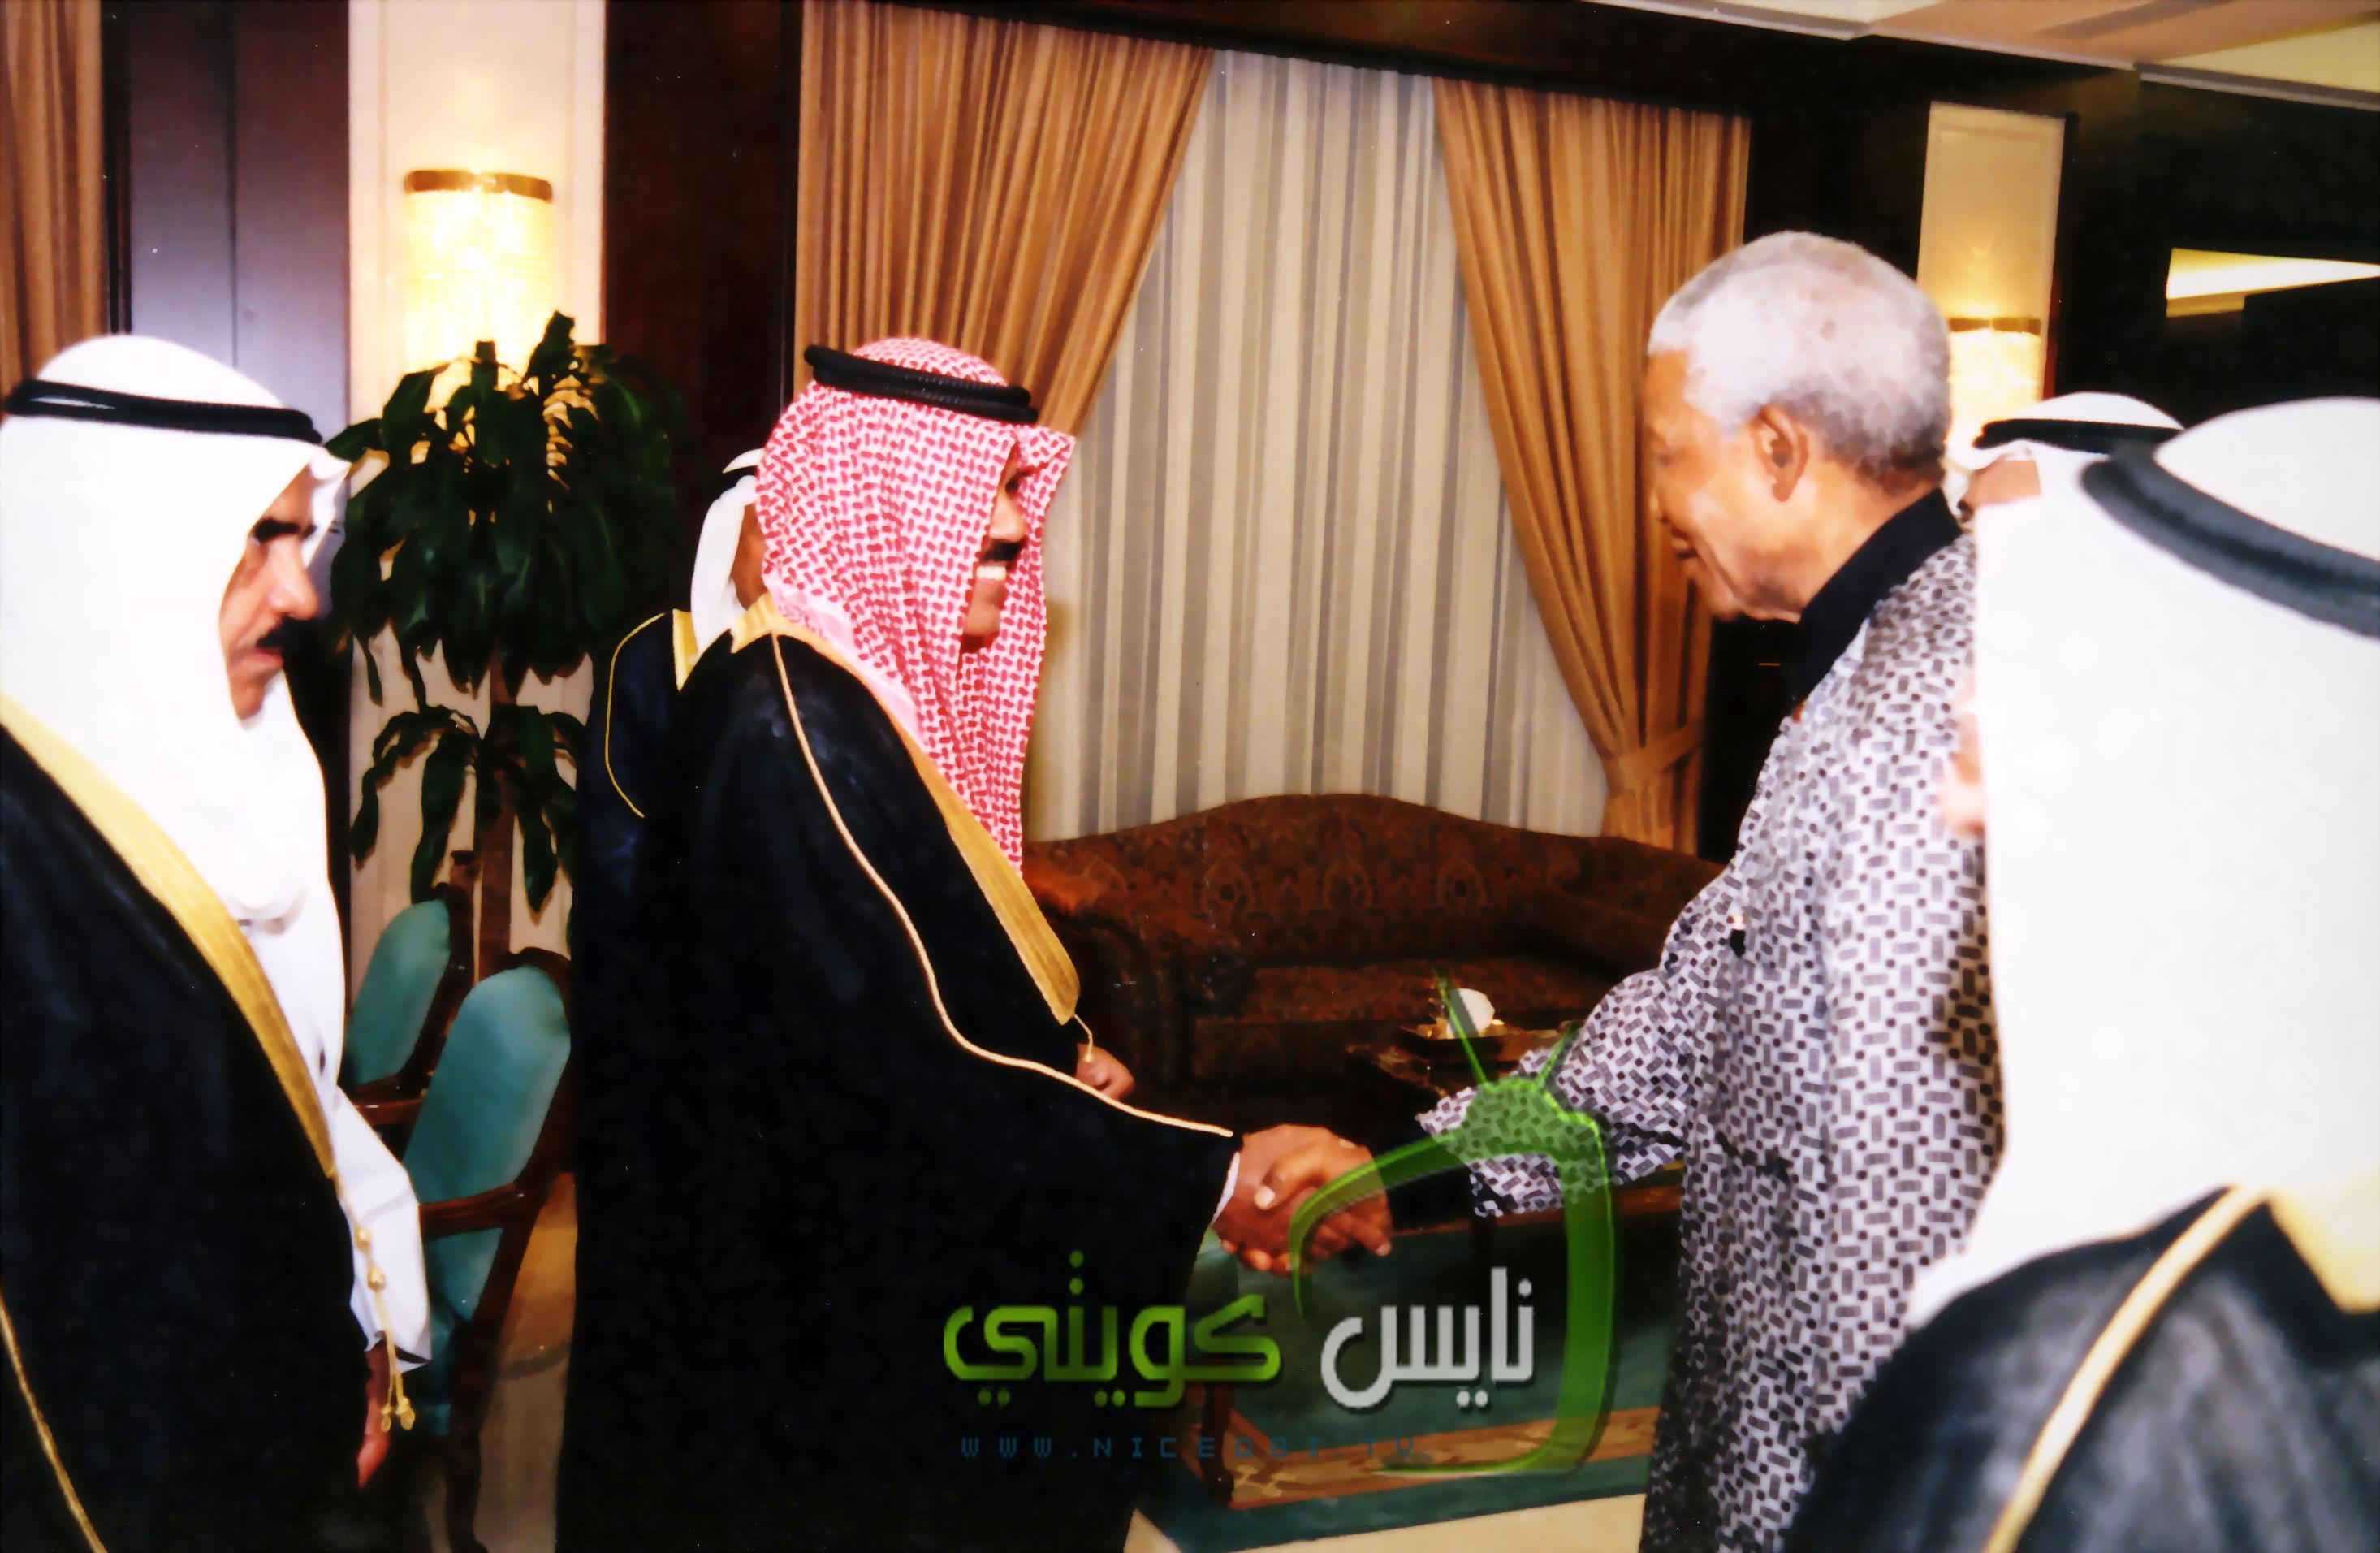 سمو ولي العهد الشيخ نواف الاحمد الصباح ,, حفظ